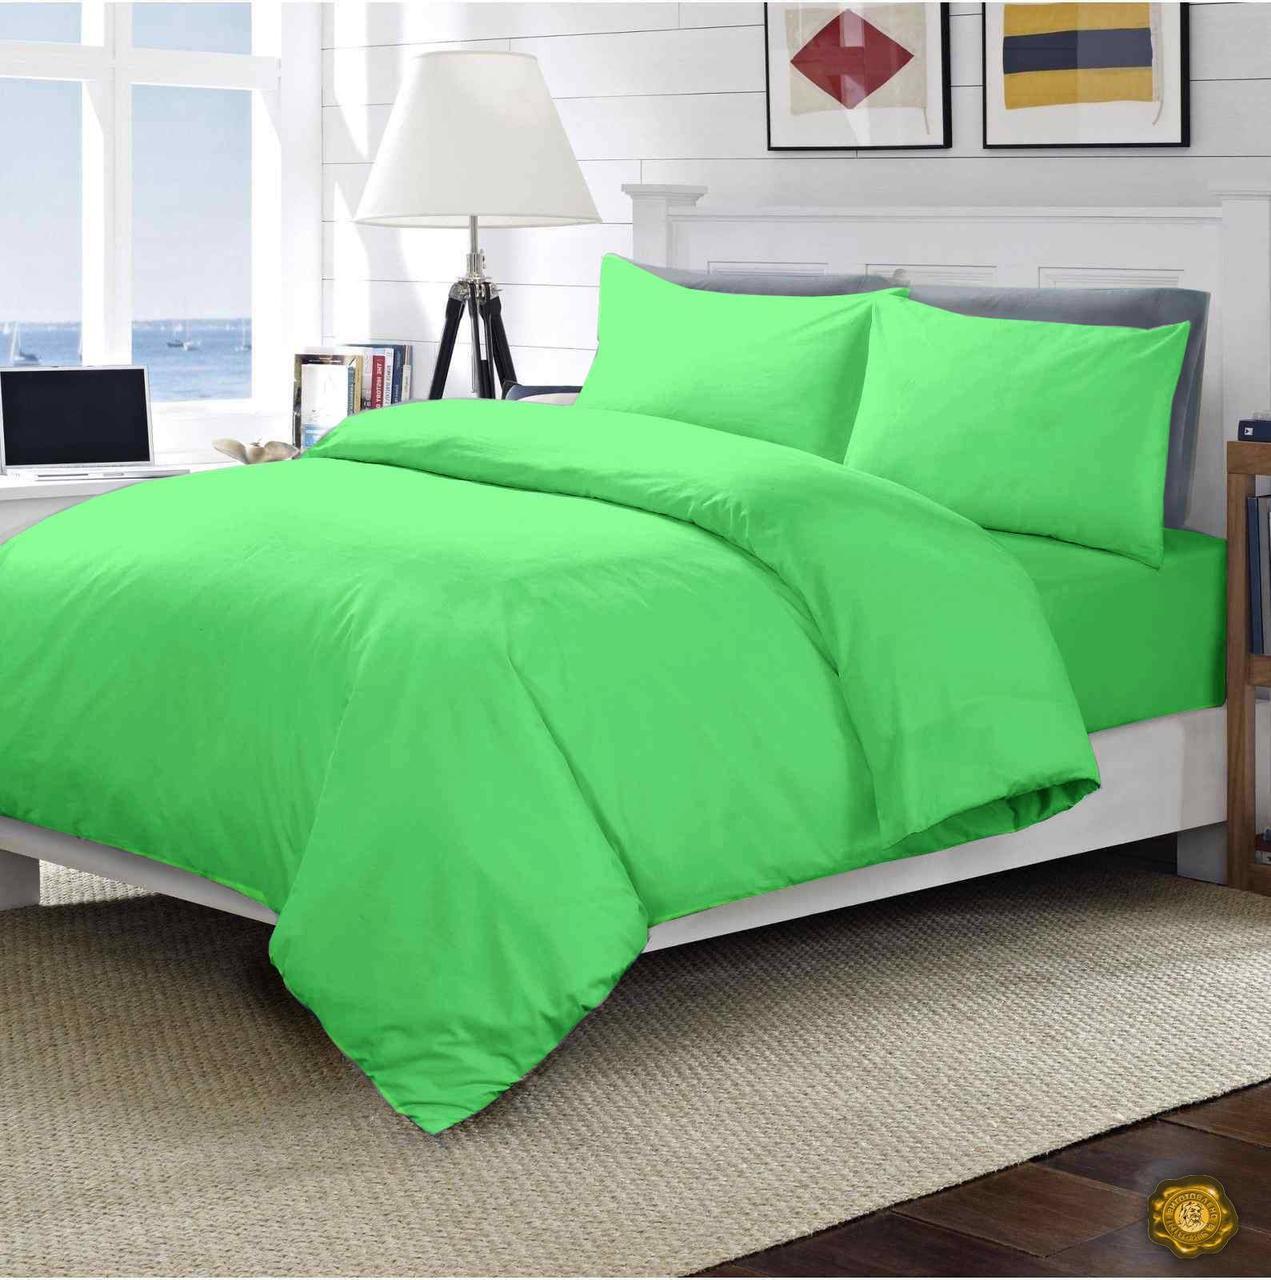 Еней-Плюс Евро постельный комплект МІ0006 Еней-Плюс, цвет: зеленый